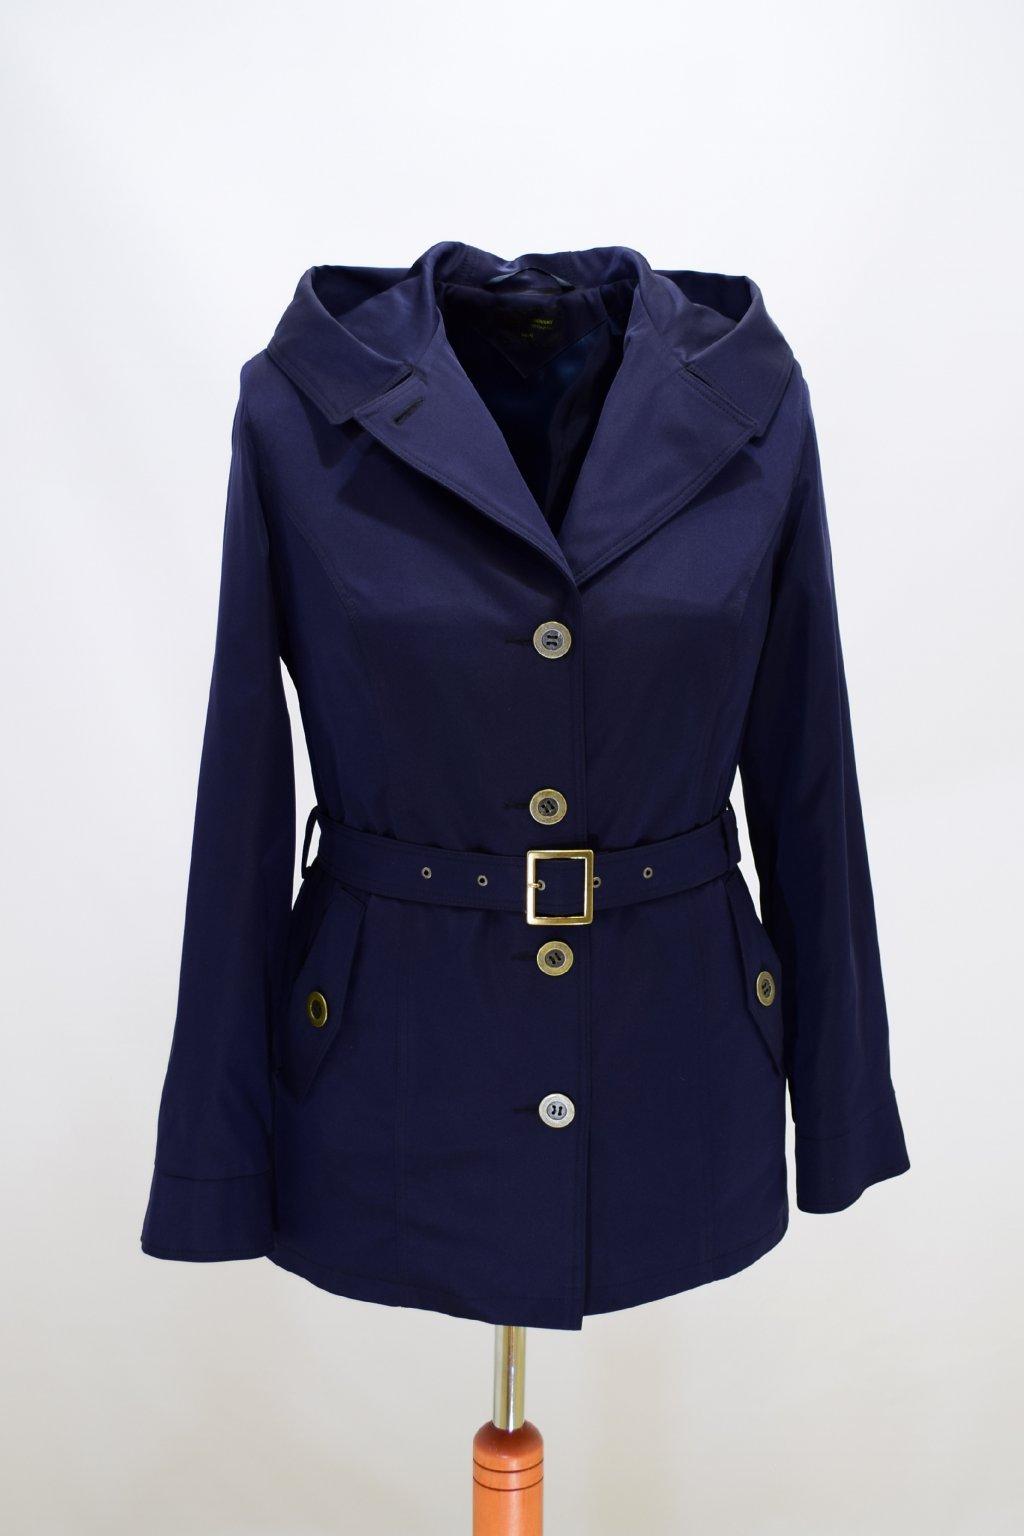 Dámský tmavě modrý jarní kabátek Eva nadměrné velikosti.